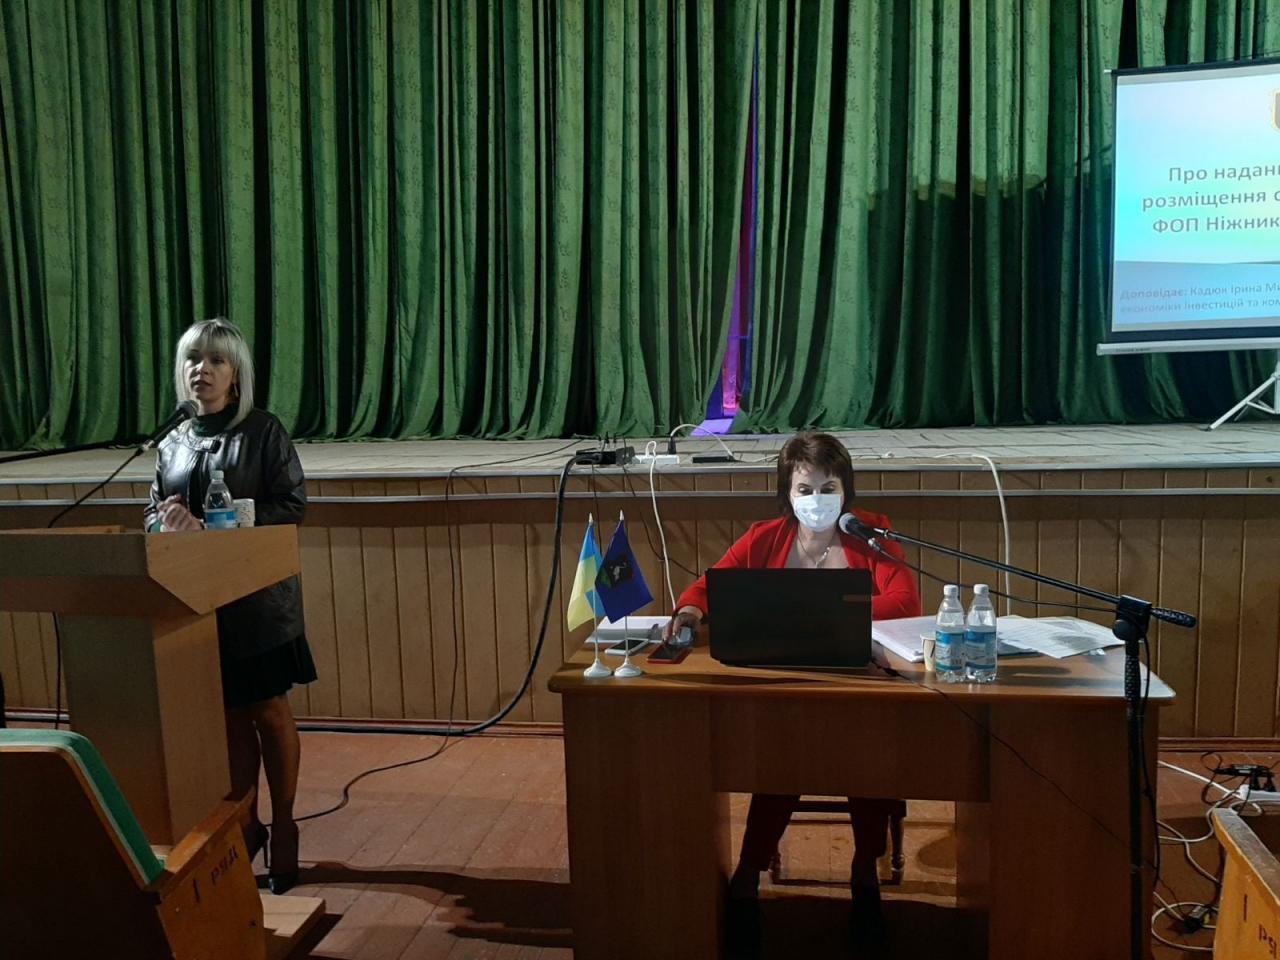 http://dunrada.gov.ua/uploadfile/archive_news/2020/10/15/2020-10-15_986/images/images-96474.jpg